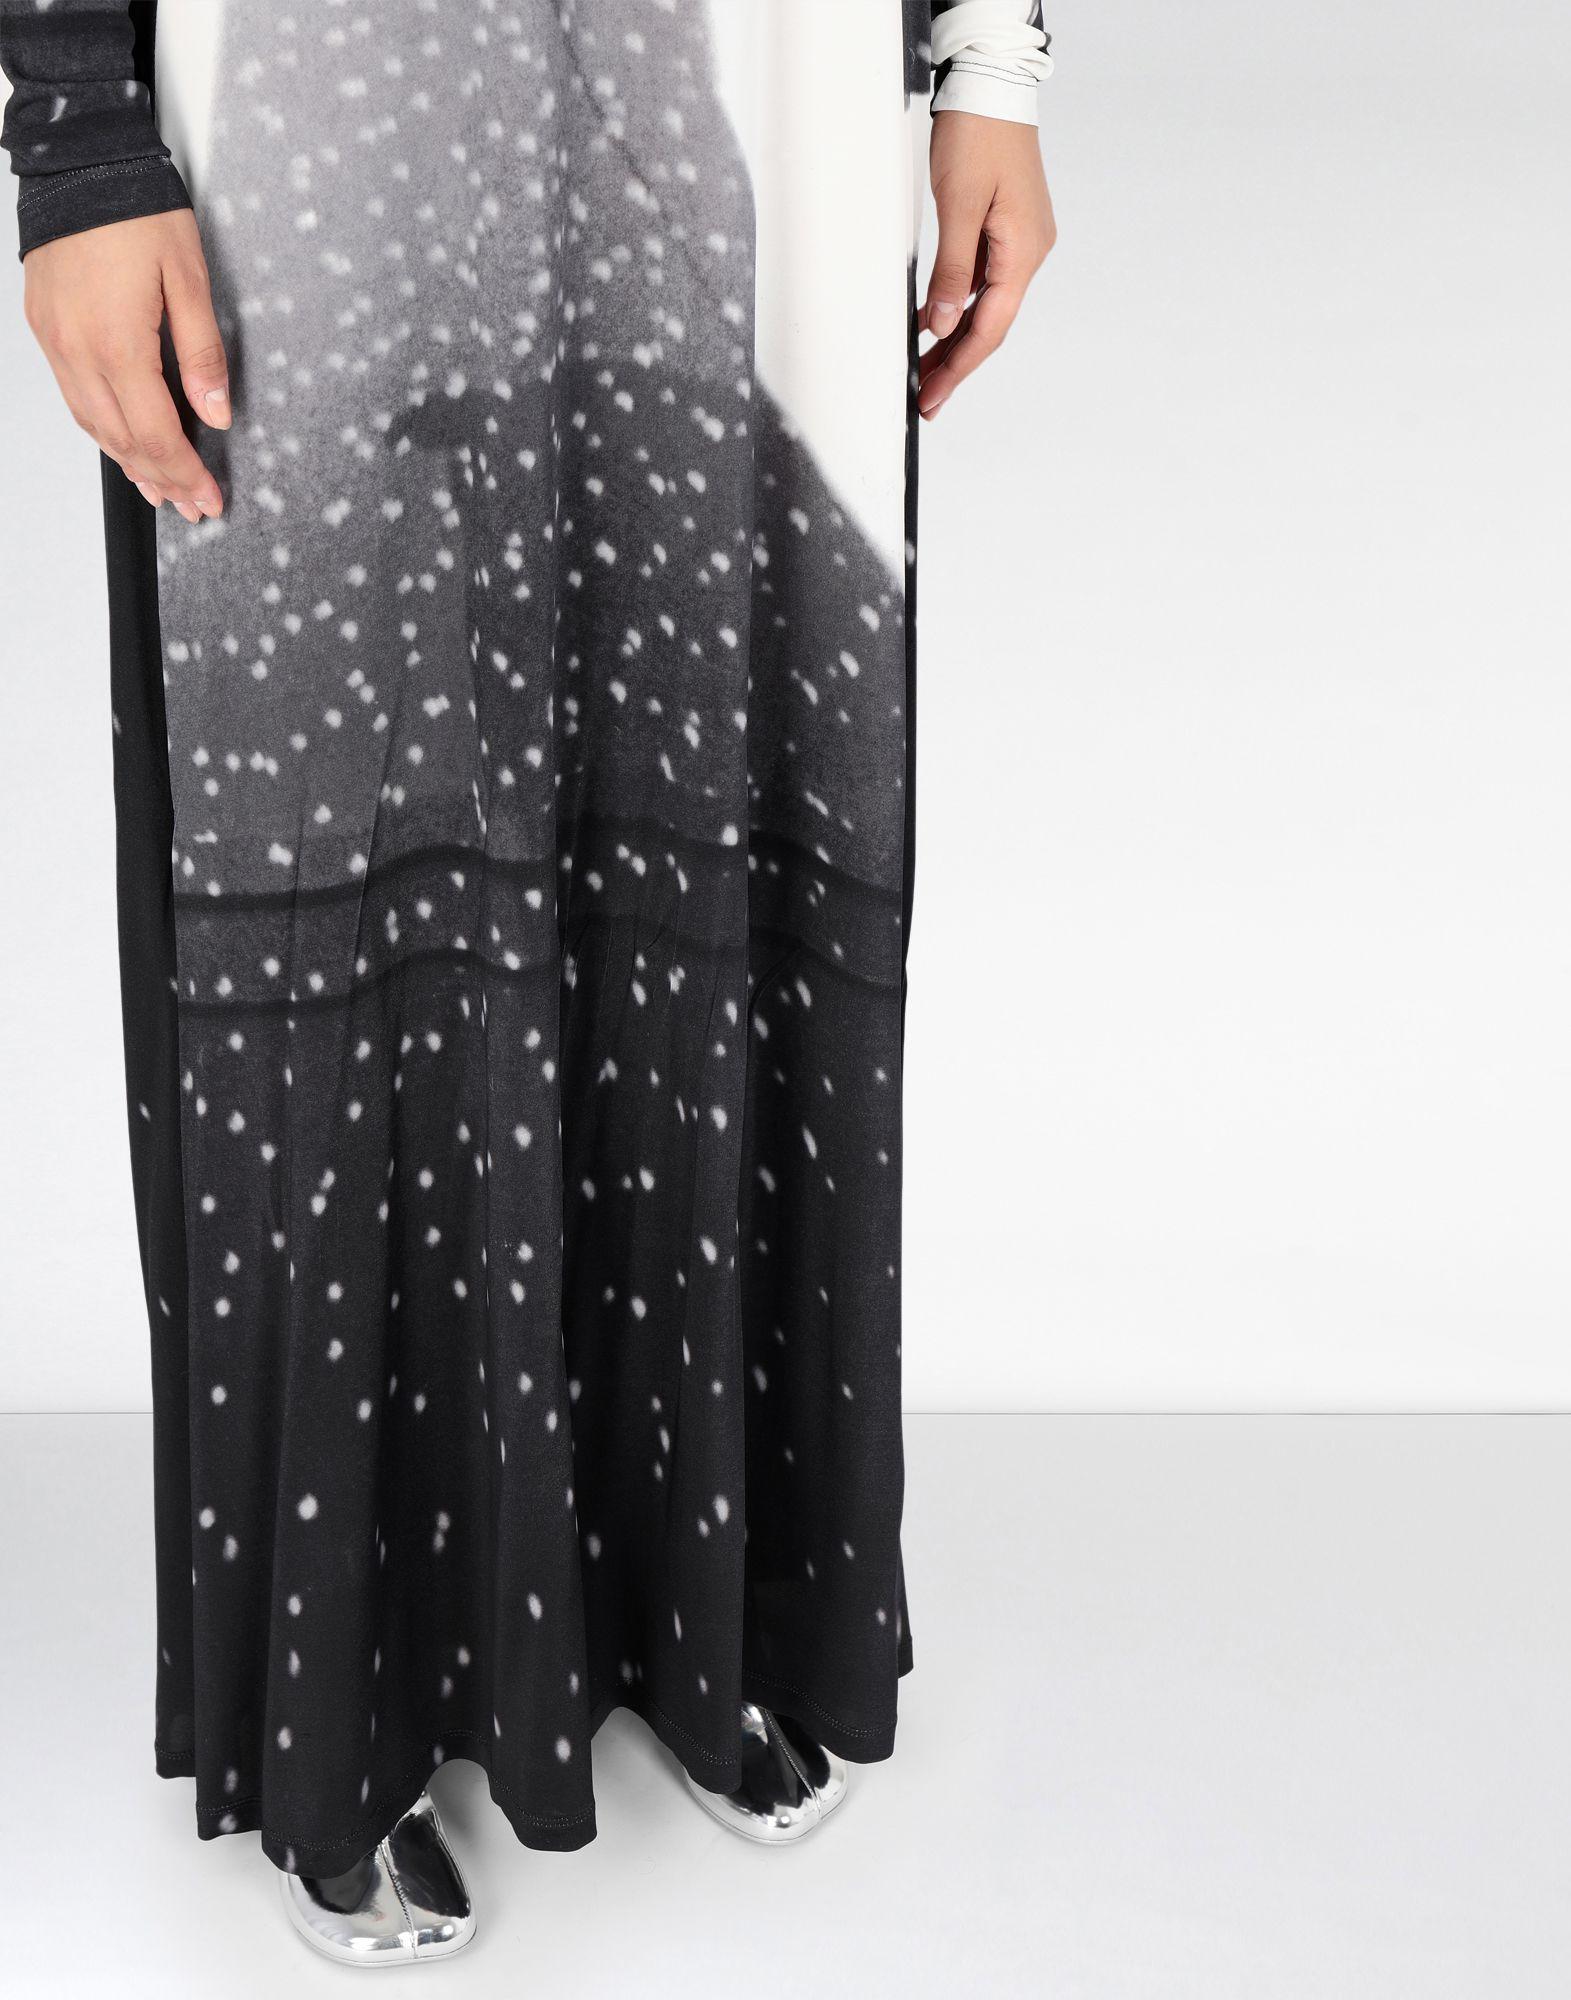 MM6 MAISON MARGIELA Reflex print long dress Long dress Woman a